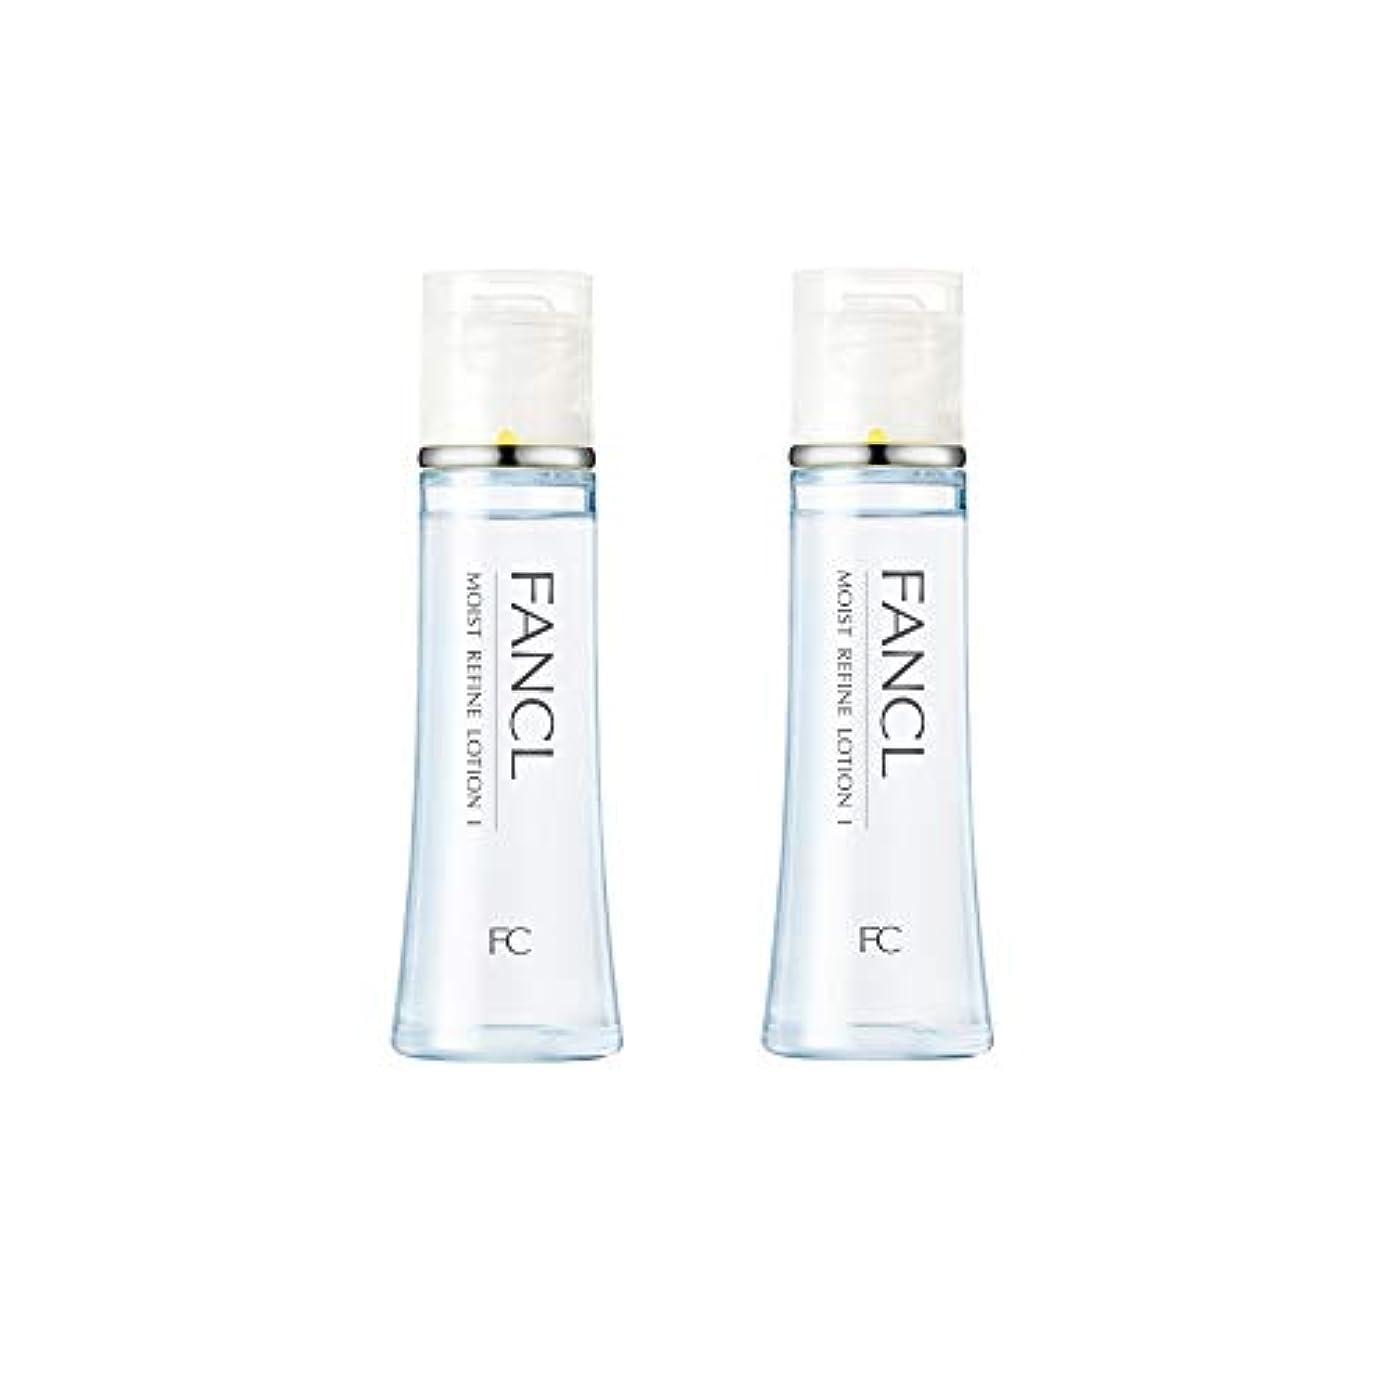 物足りない森林企業ファンケル (FANCL) モイストリファイン 化粧液I さっぱり 2本セット 30mL×2 (約60日分)